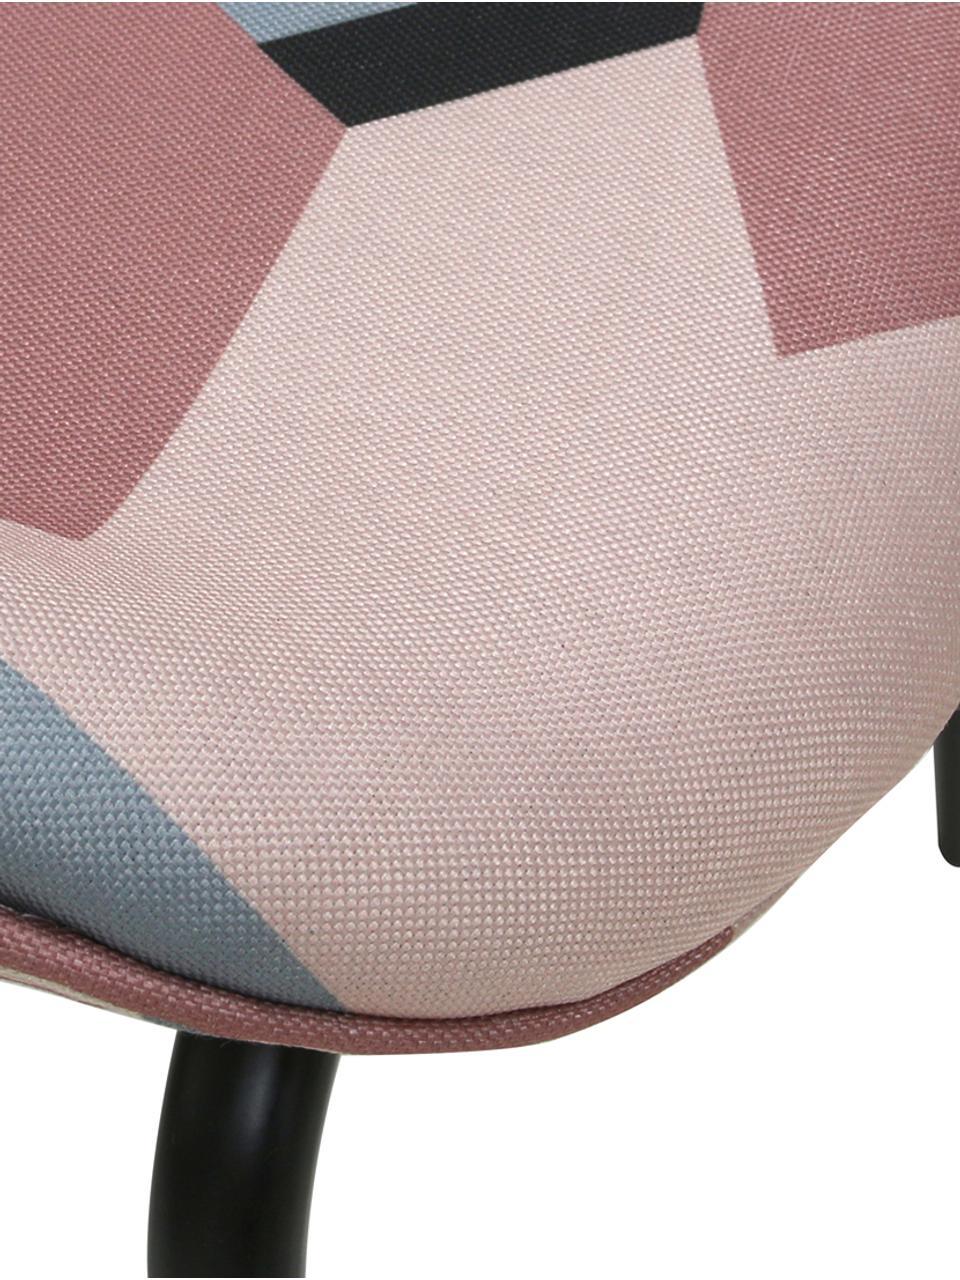 Polsterstühle Dining, 2 Stück, Bezug: Polyestersamt 4.000 Scheu, Beine: Metall, pulverbeschichtet, Mehrfarbig, B 63 x T 48 cm